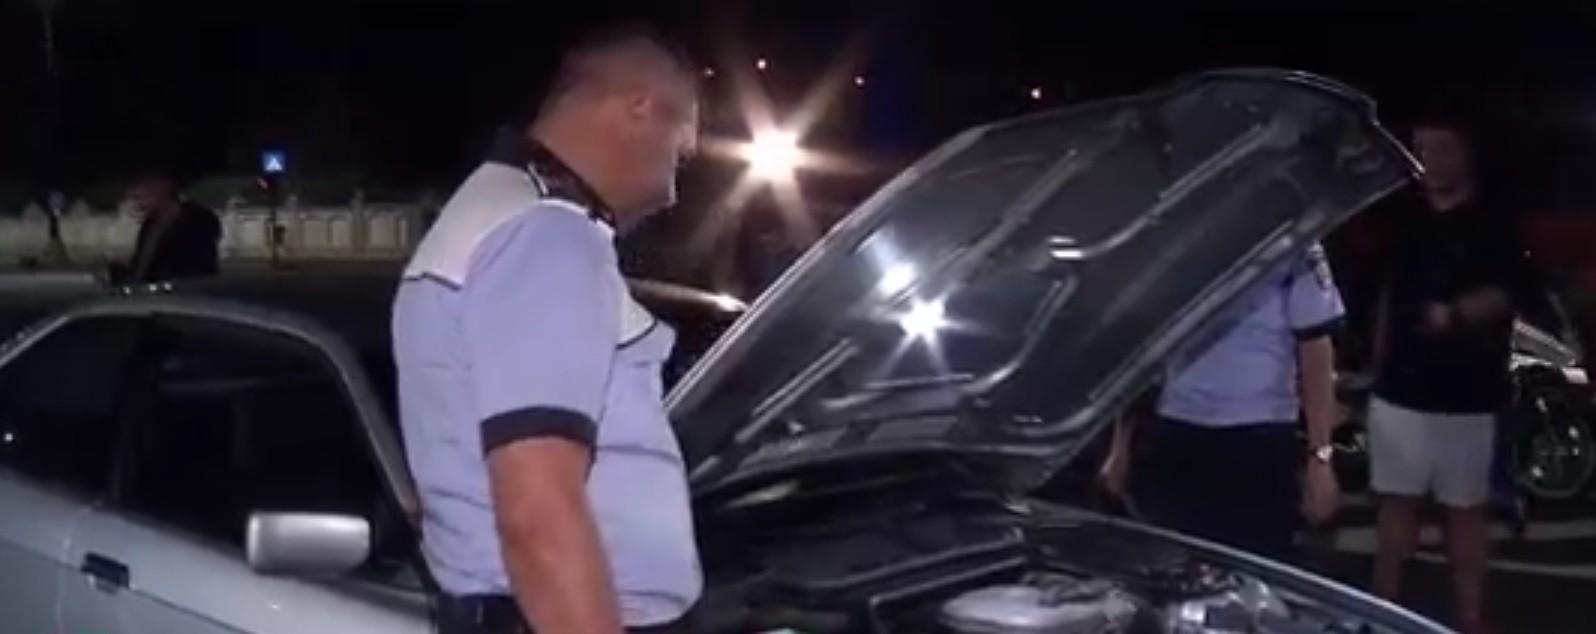 Şoferii cu maşini defecte, lăsaţi fără permis: razie a Brigăzii Rutiere şi a RAR, noaptea trecută, în Bucureşti